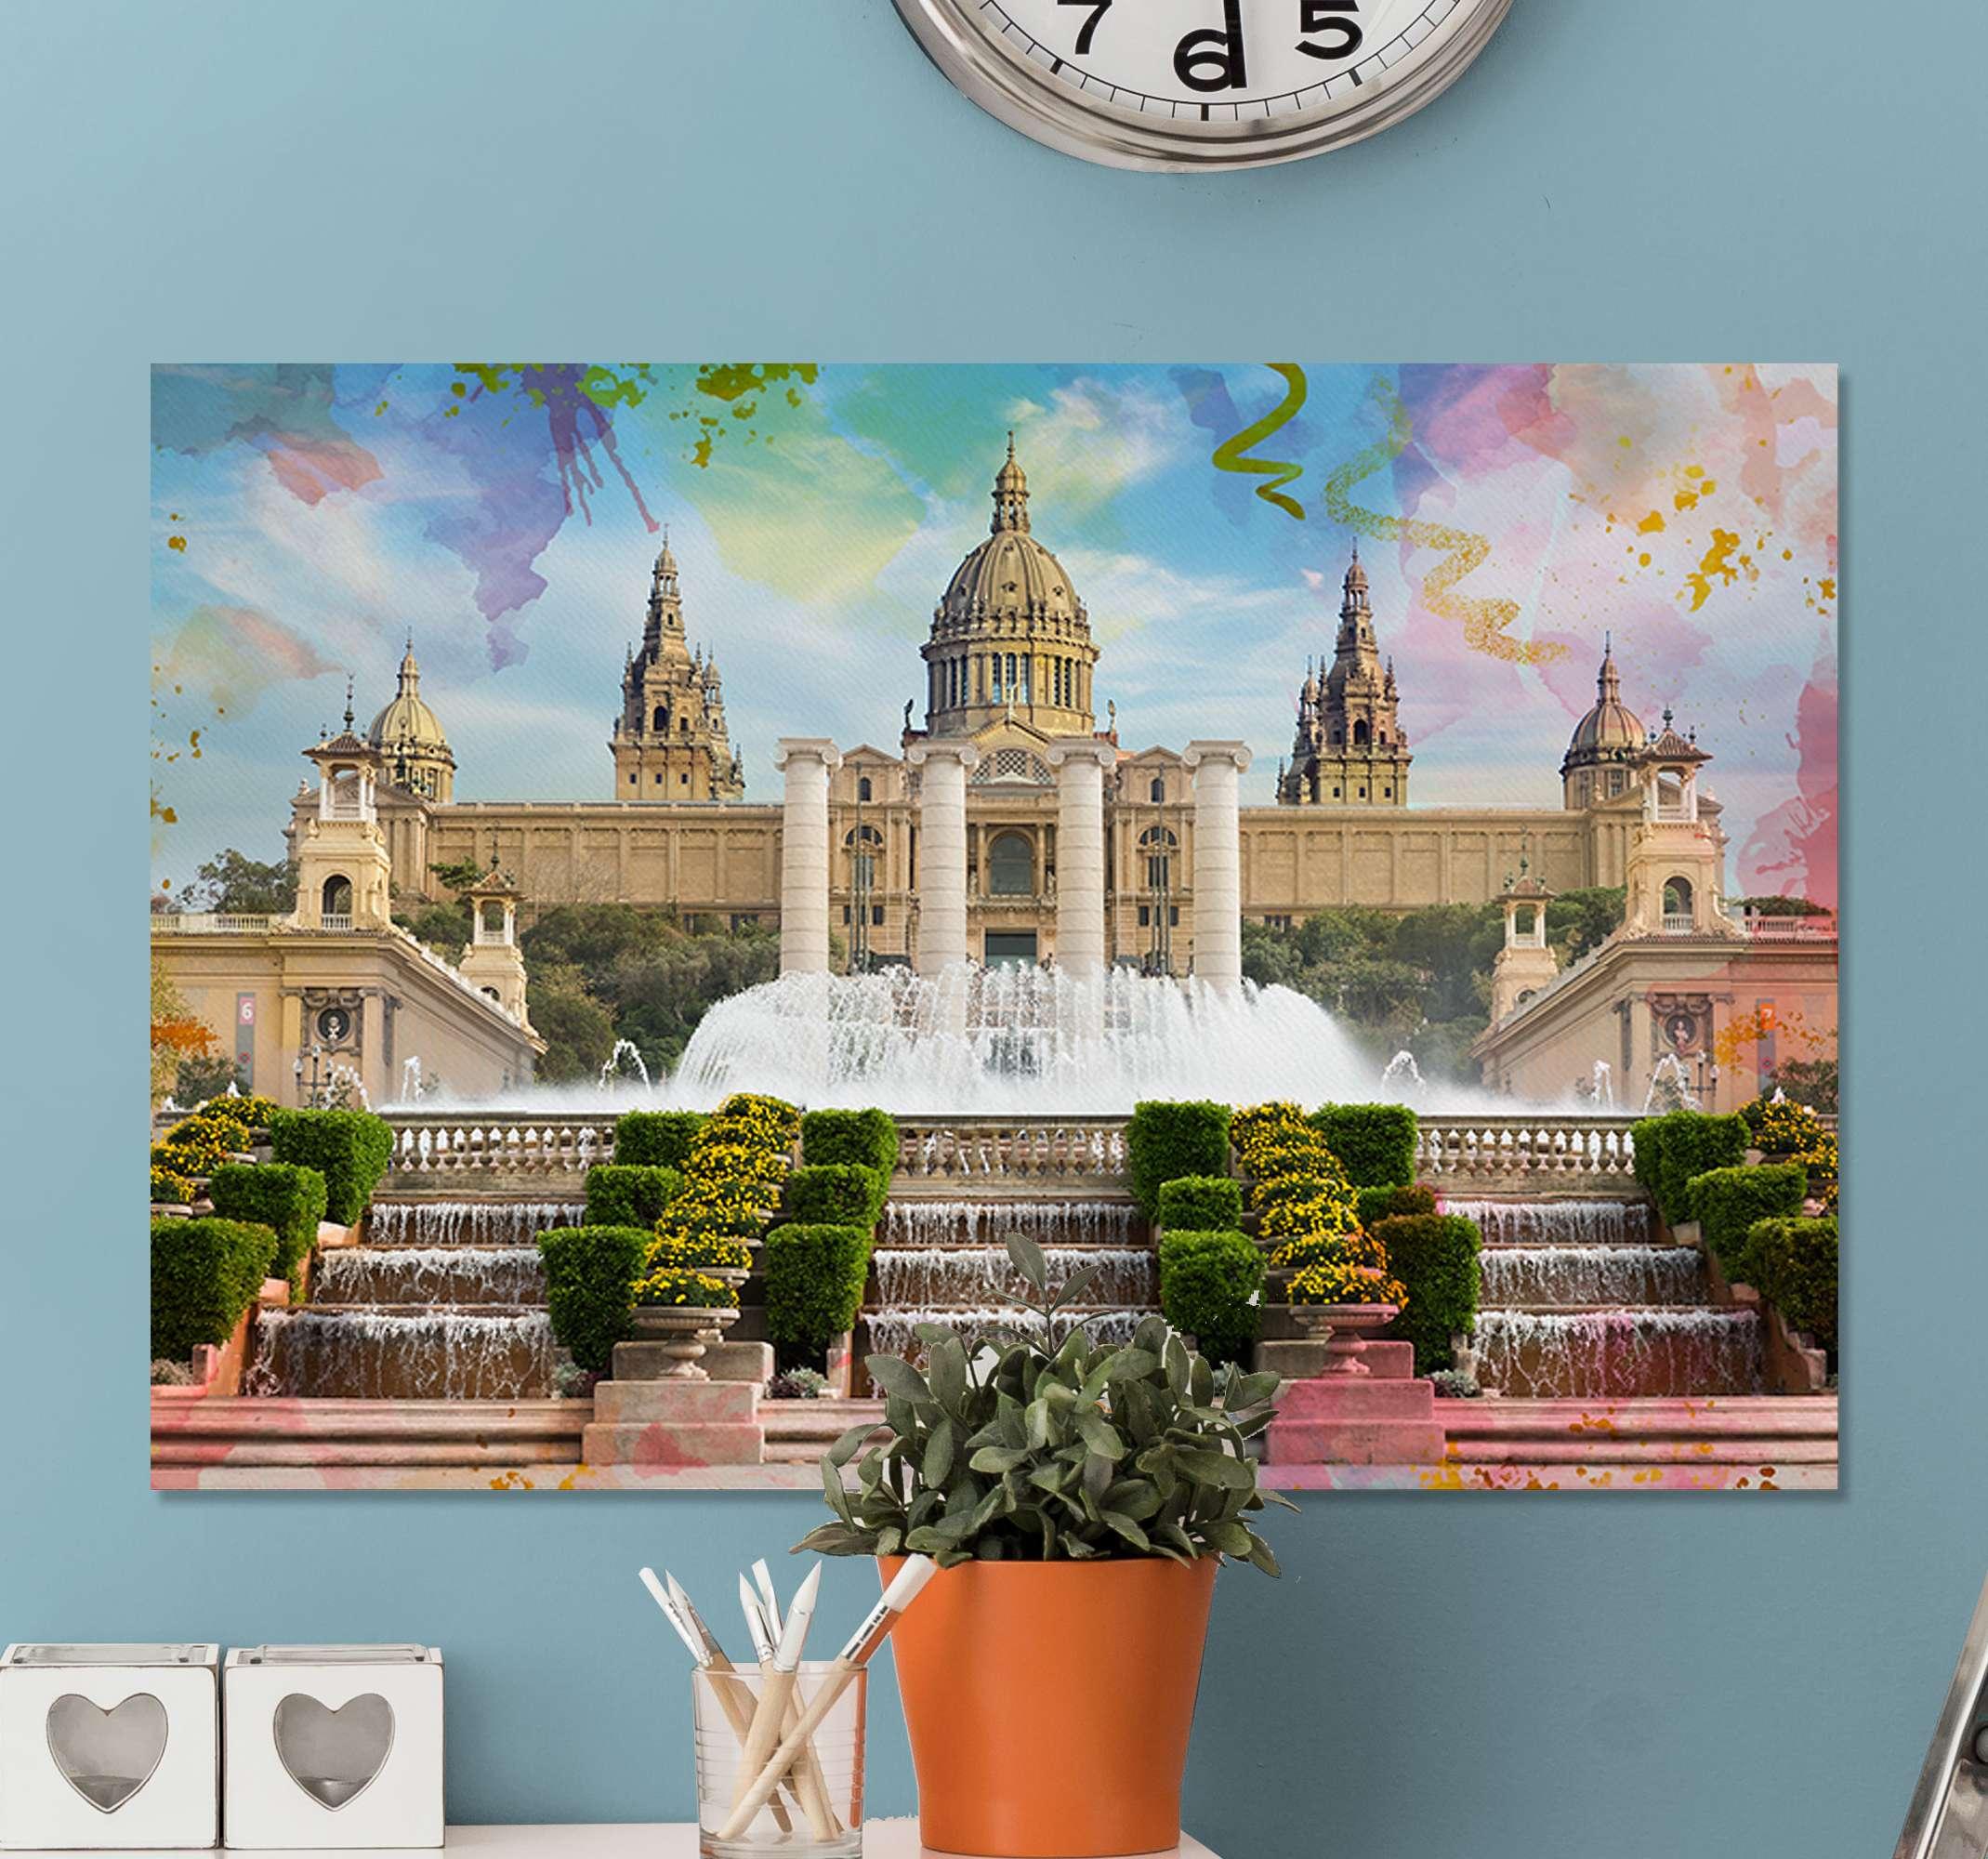 Tenstickers. Barcelona montjuic kaupunki canvastaulu. Kauniit koristeet tekevät kauniista ja mukavista kodeista. Huippulaadukkaalla kodin kankaalla, joka on painettu kuvalla barcelona montjuic city.